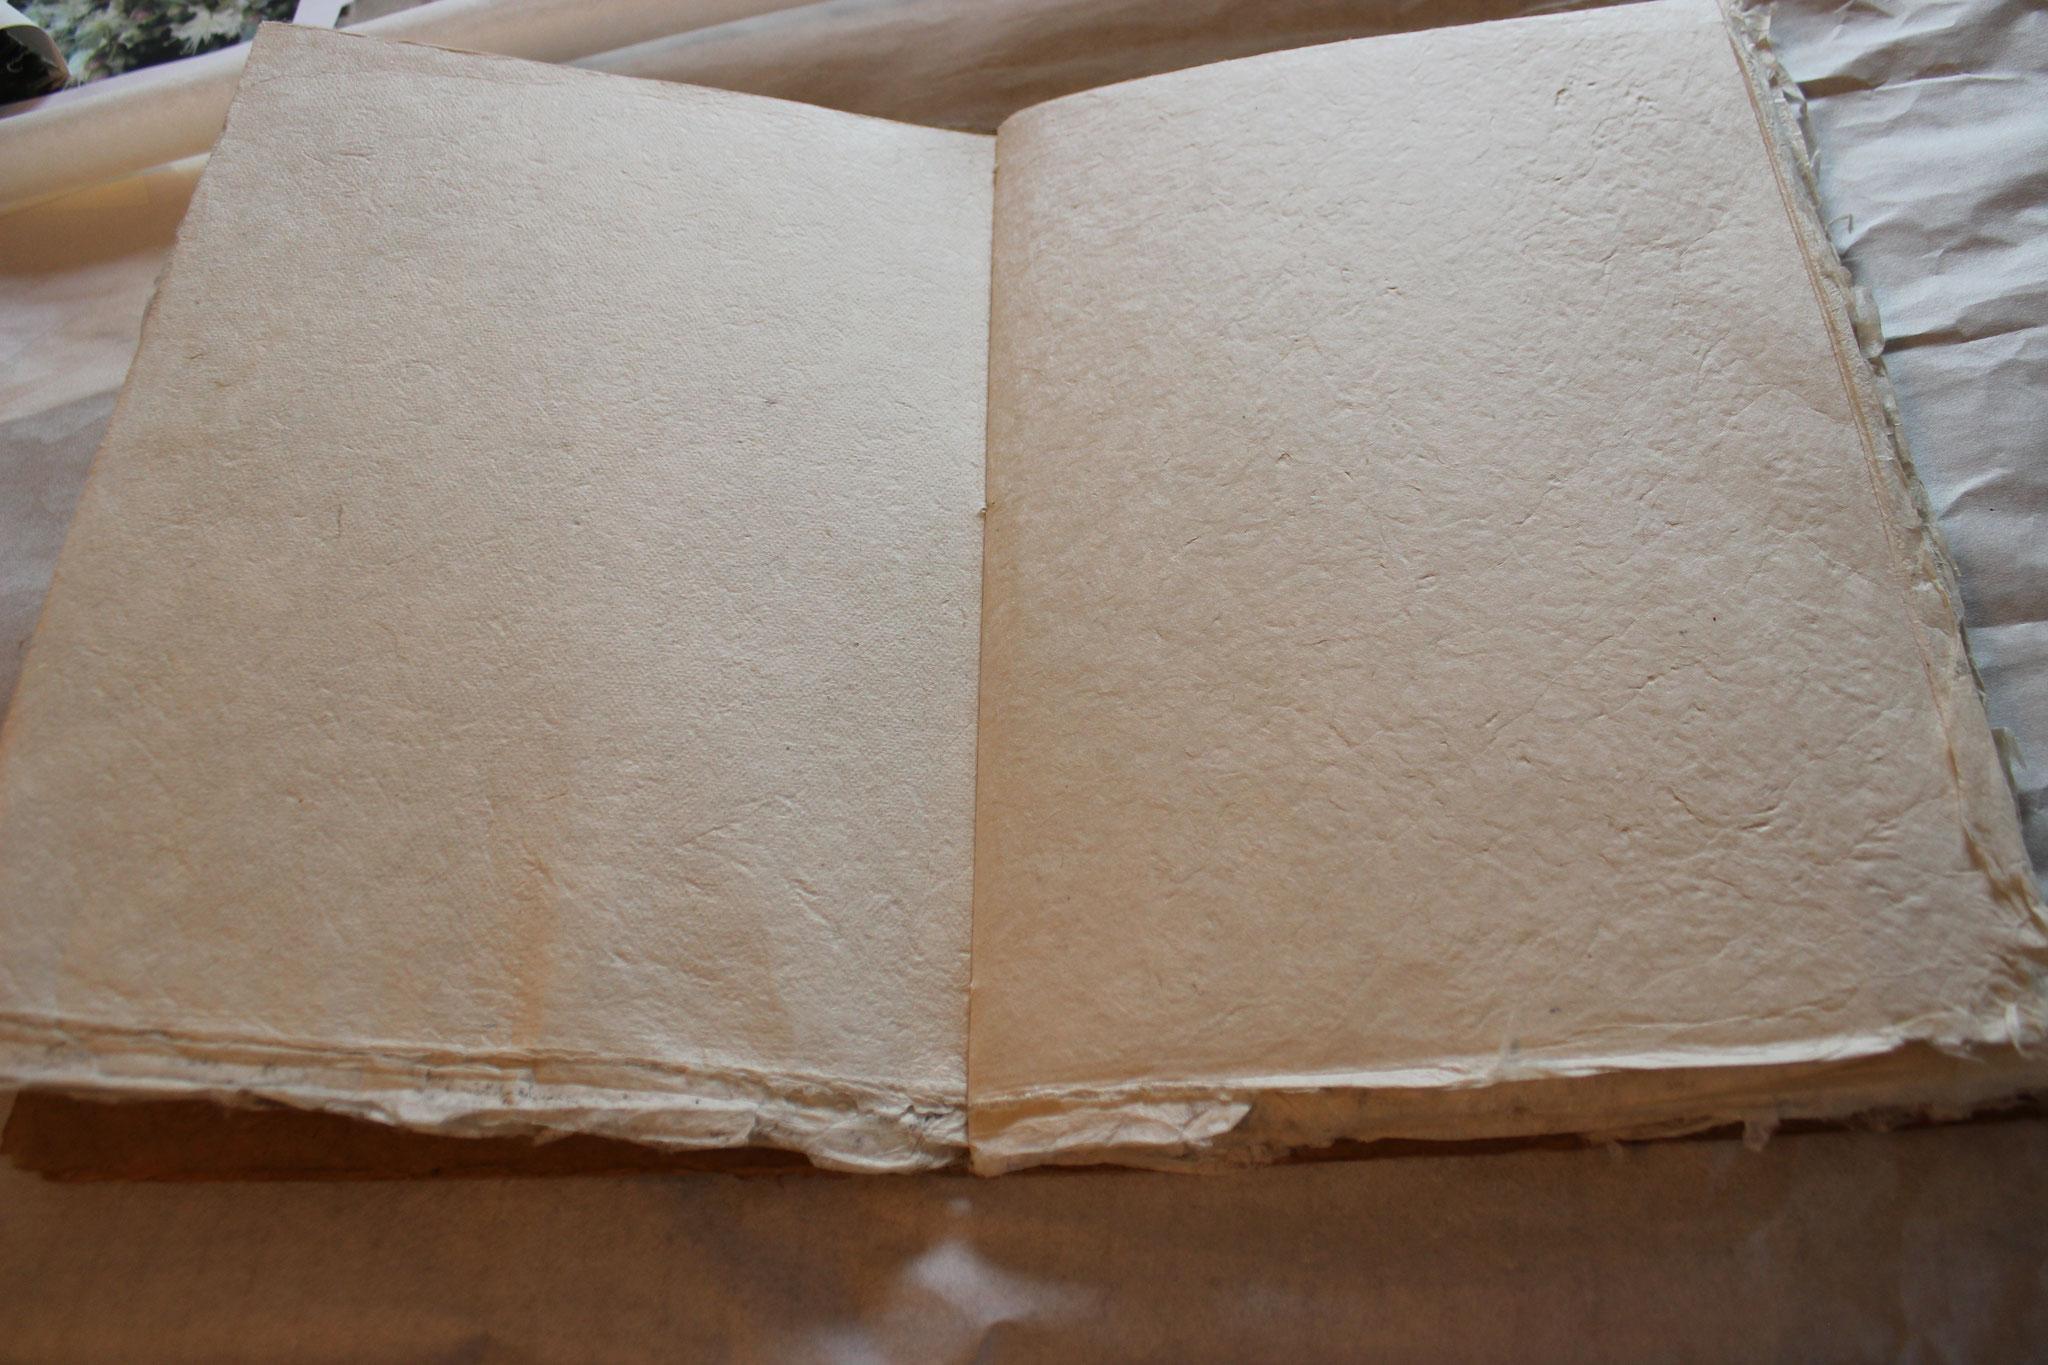 Gästebuch: aus handgeschöpftem Naturfaserpapier